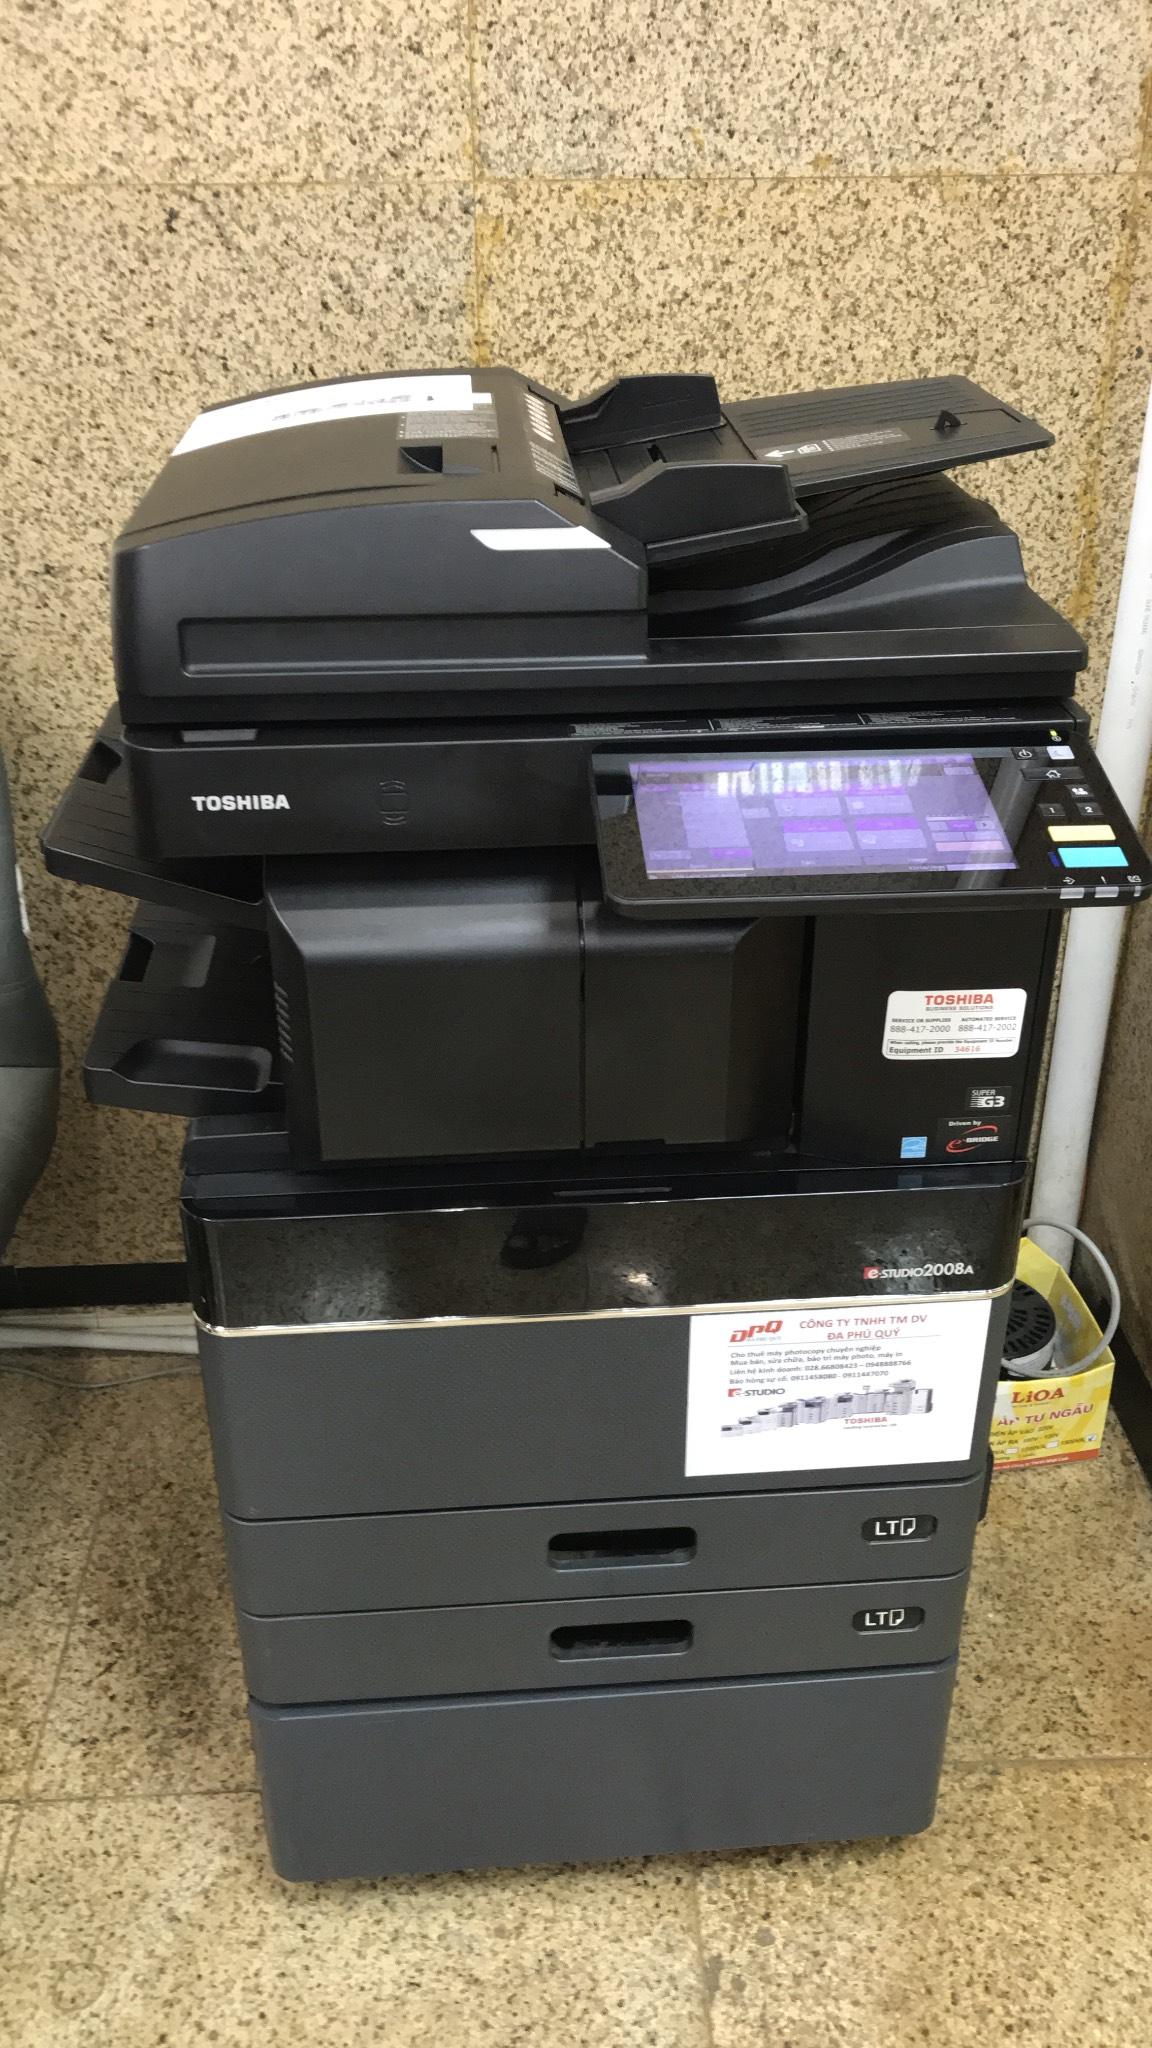 cho thuê máy photocopy tại đa phú quý